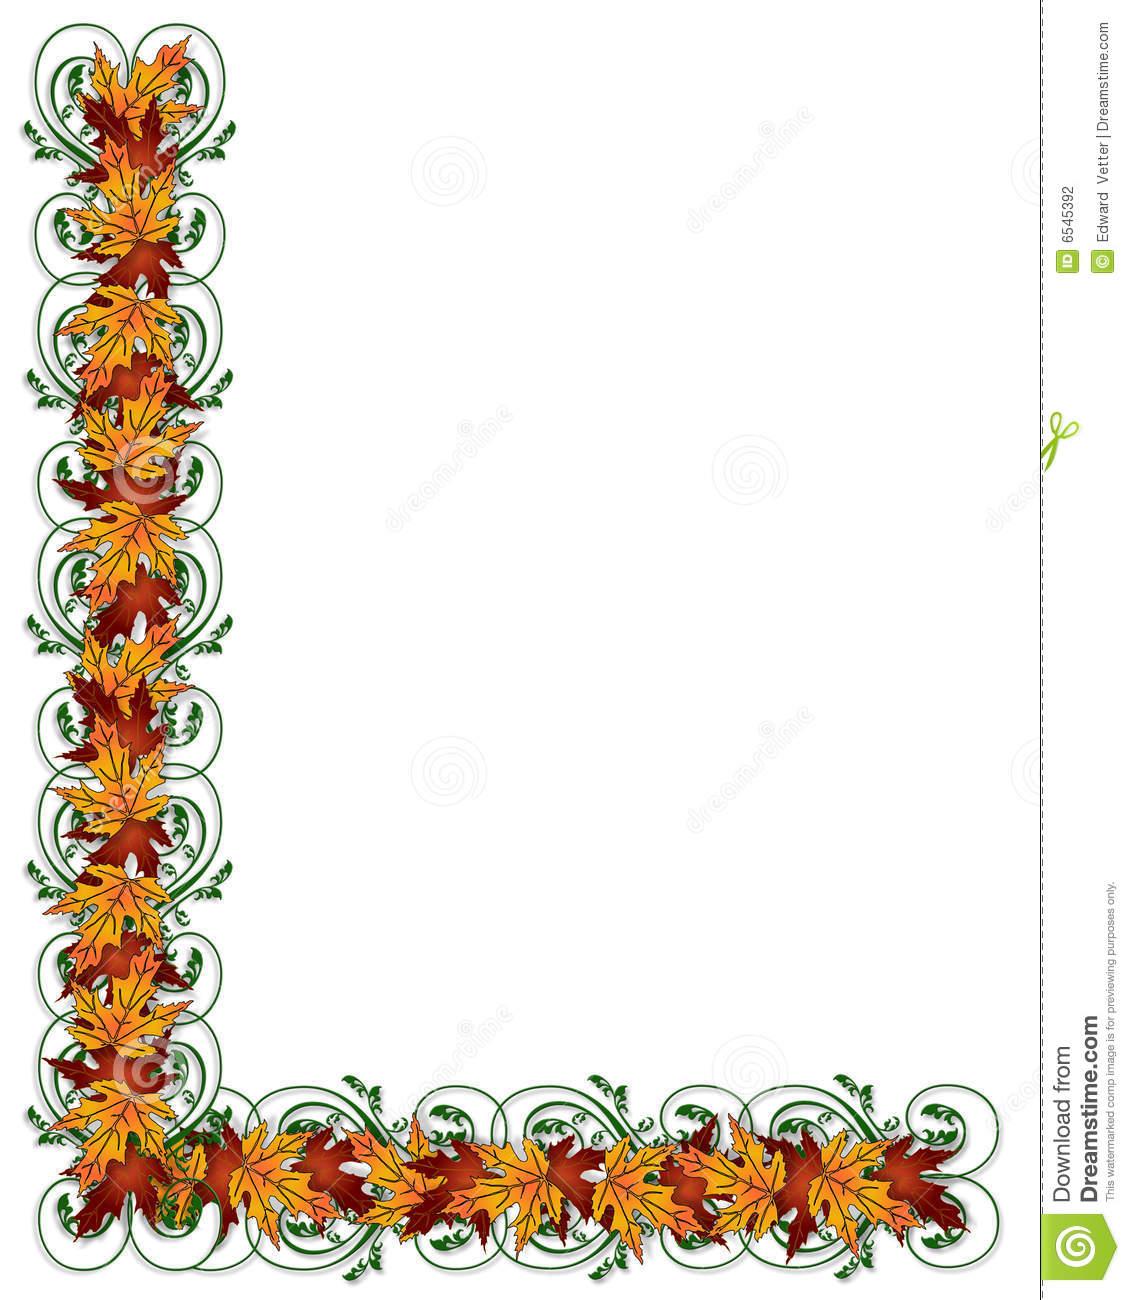 Clip Art Thanksgiving Borders Clip Art Free thanksgiving leaves clipart kid autumn border http galleryhip com fall clip art border